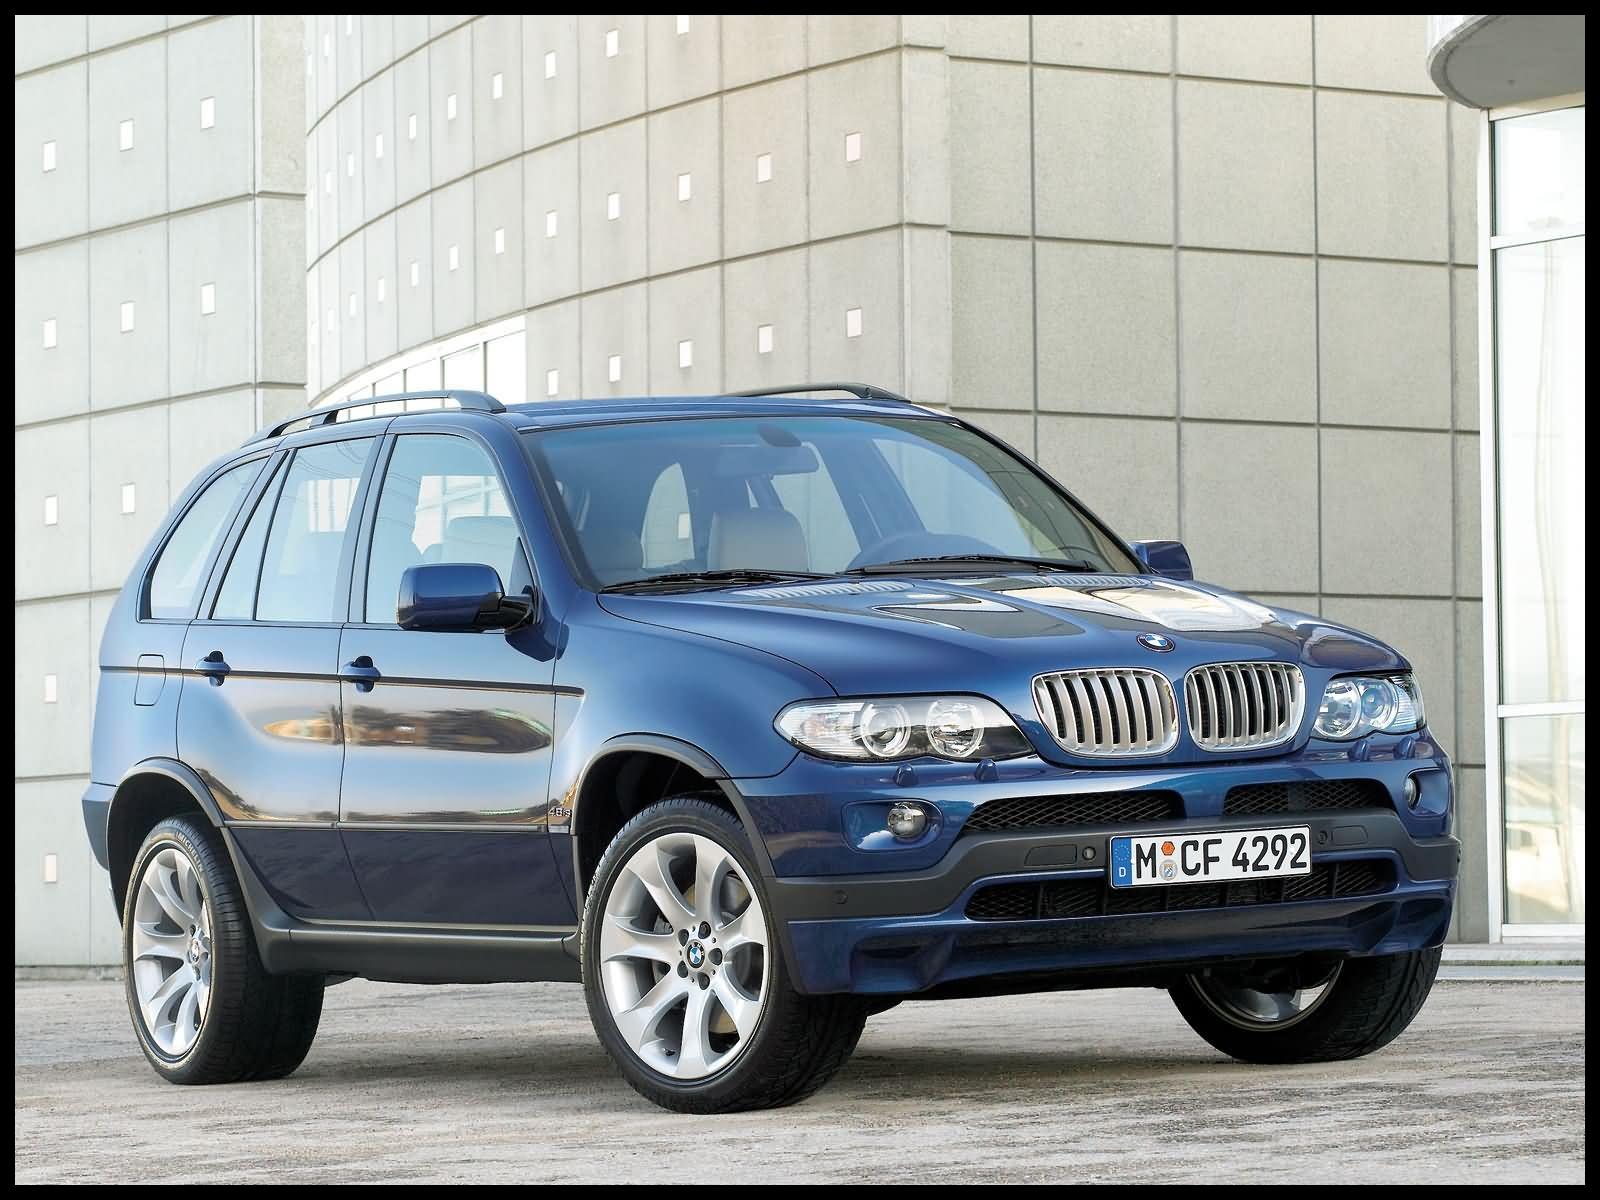 BMW X5 I E53